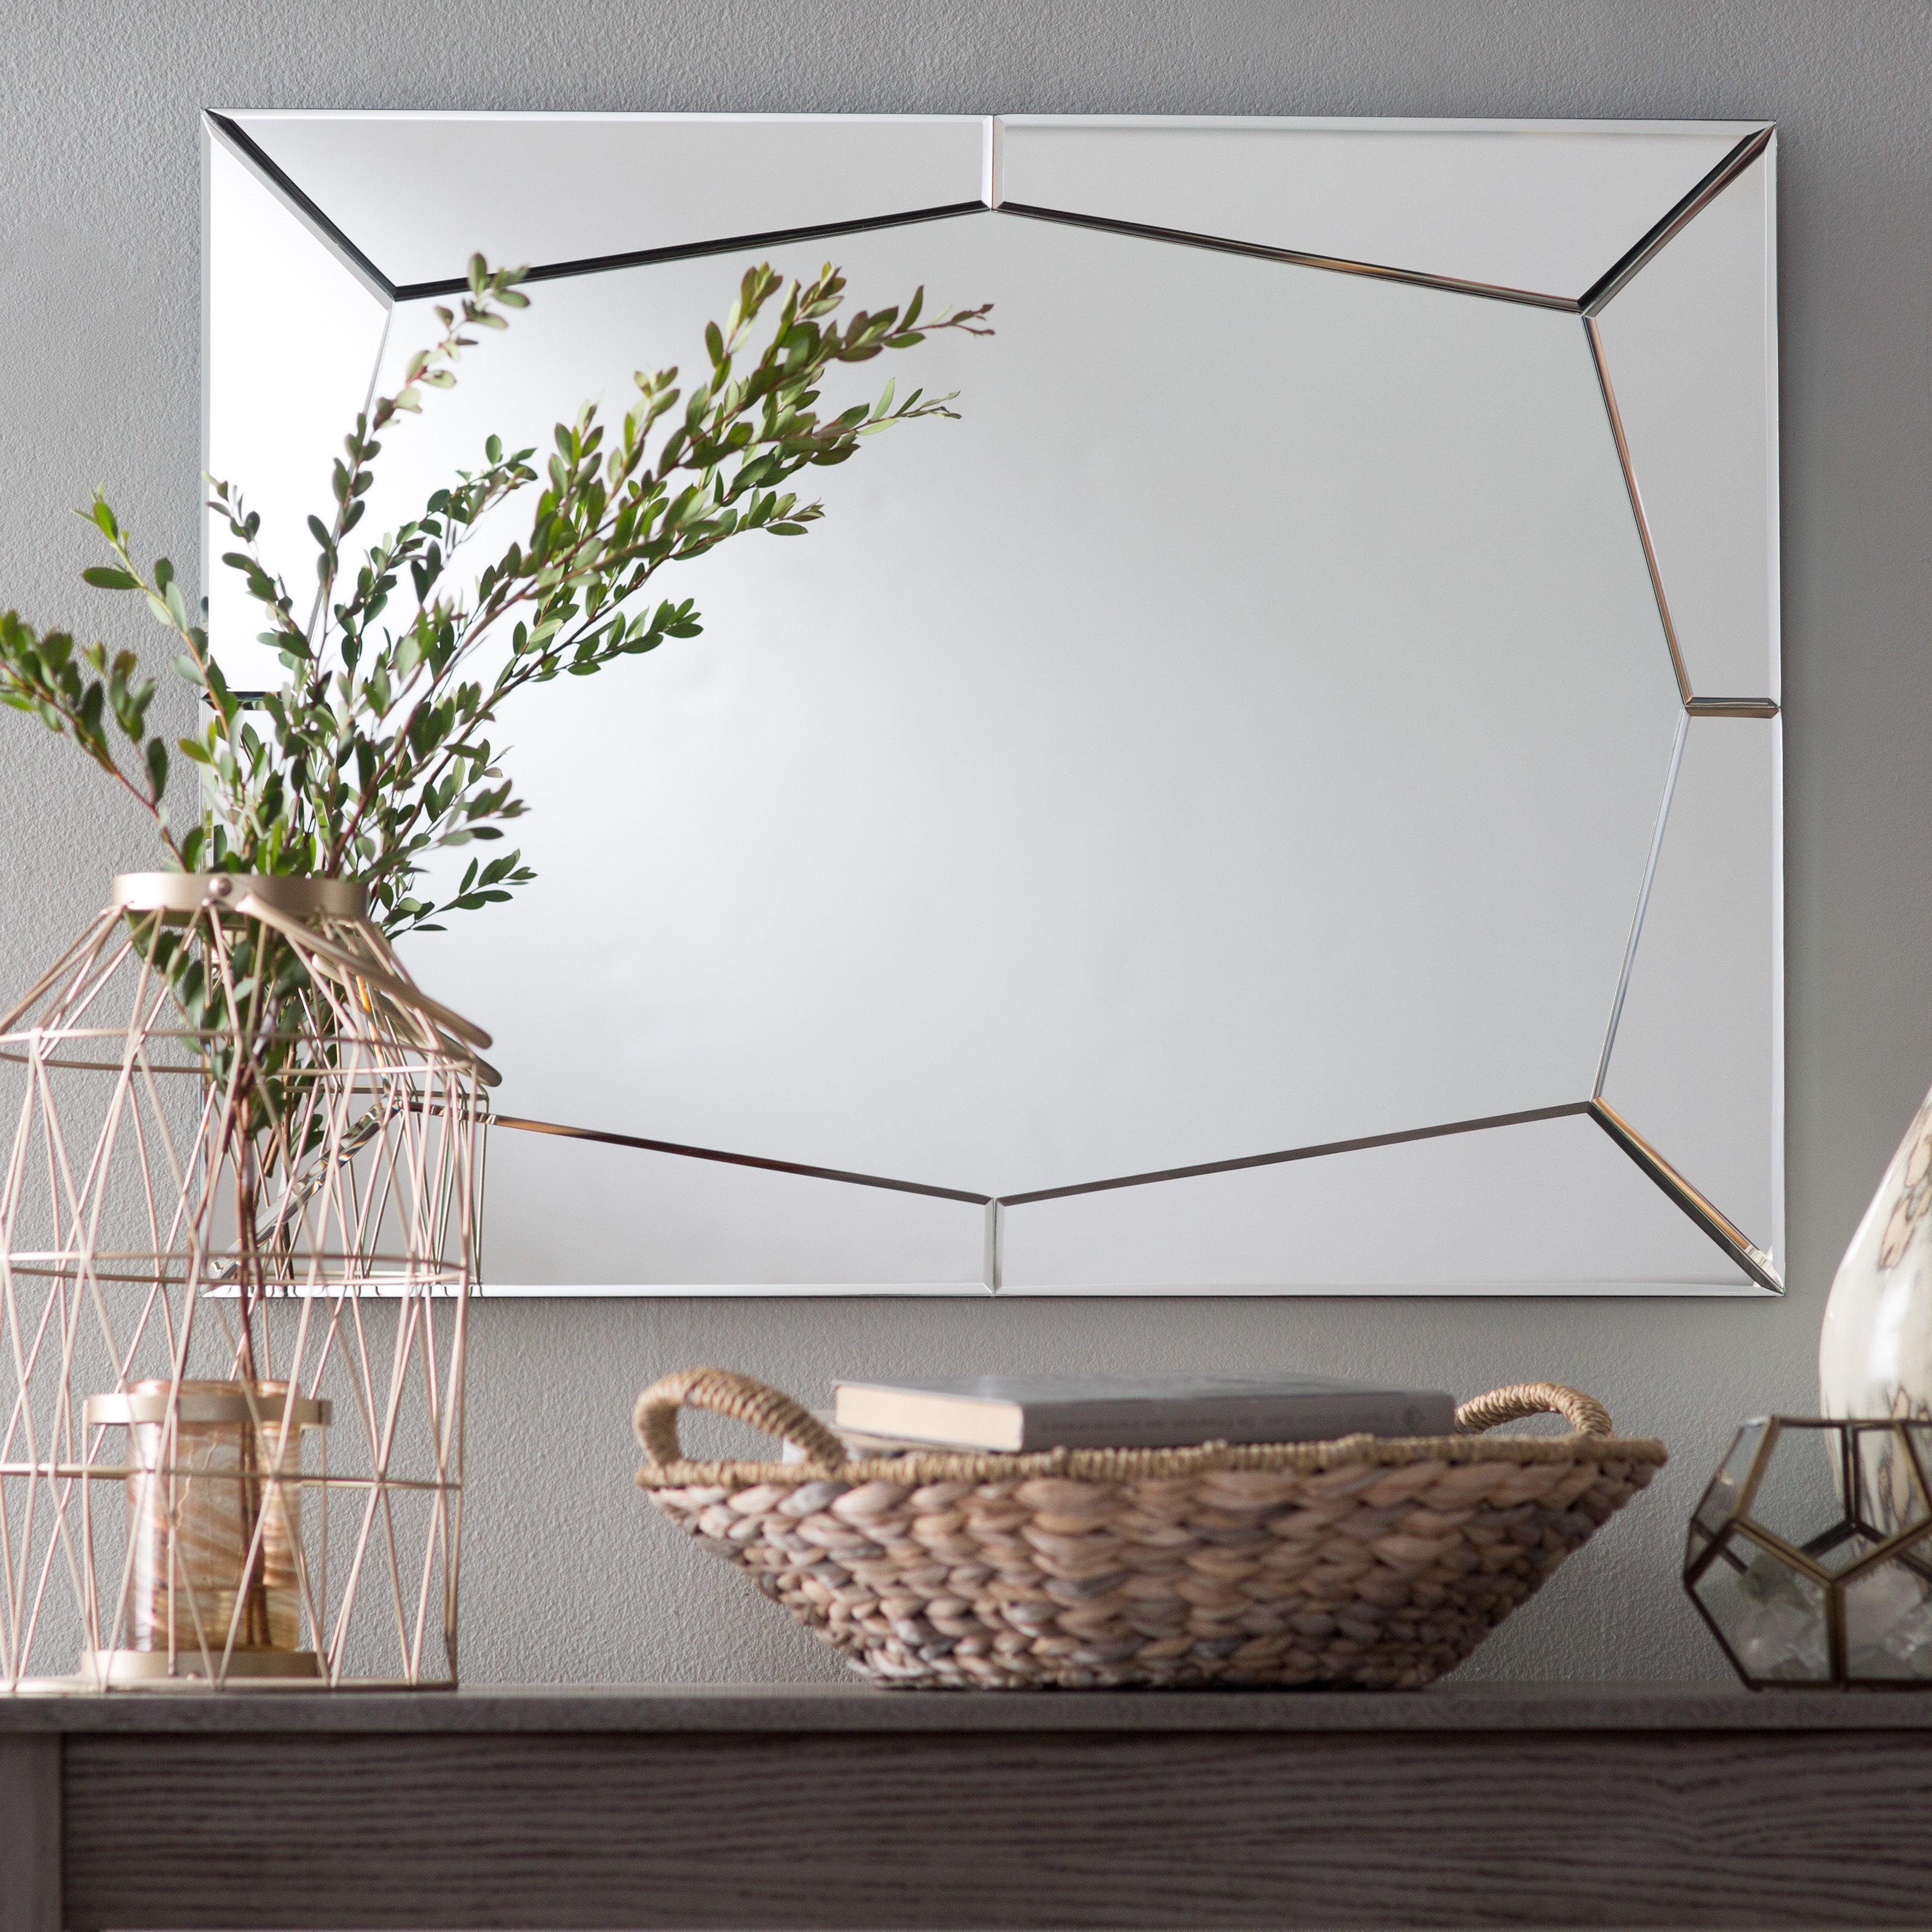 Decor Wonderland Carstadt Modern Bathroom Mirror 23.6W x 31.5H in. by